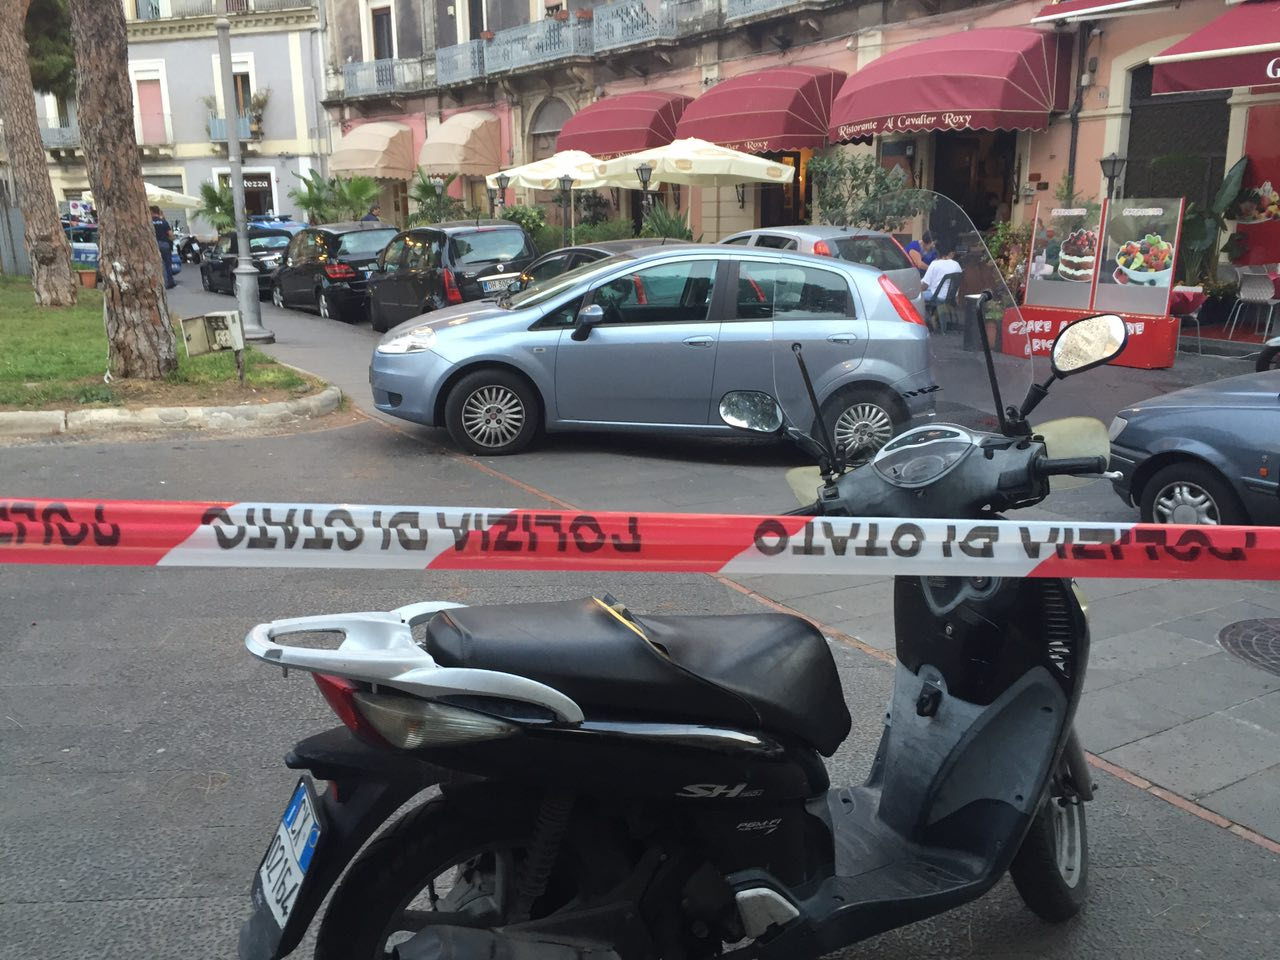 http://www.lurlo.info/it/wp-content/uploads/2016/09/Tentato-omicidio21.jpg